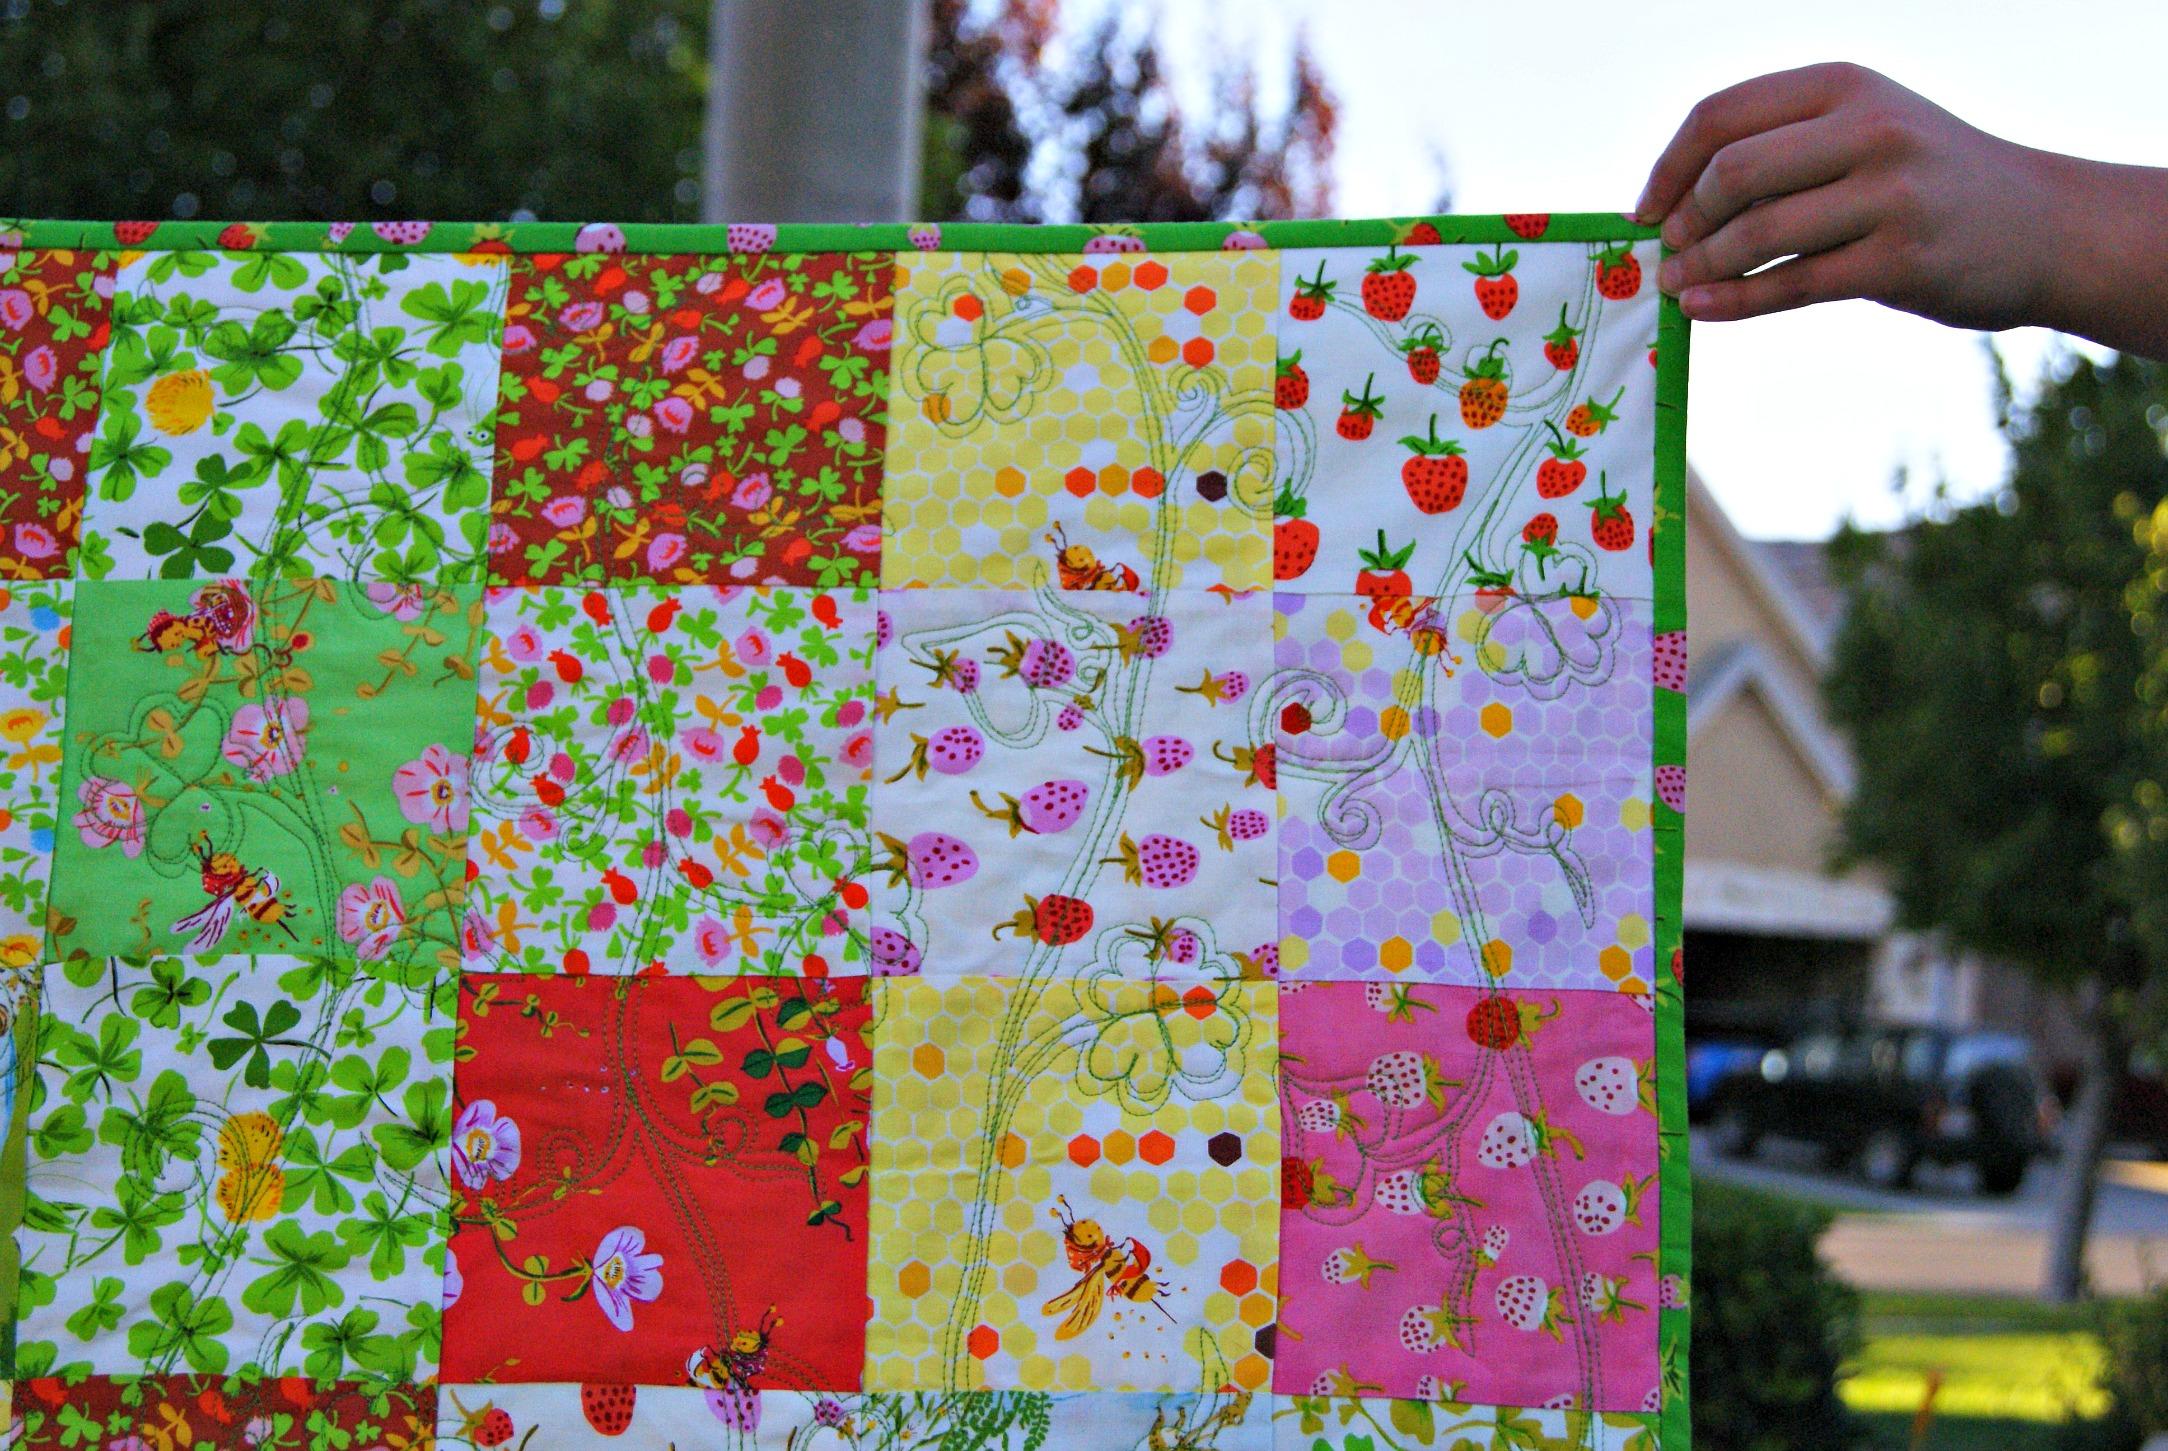 Briar Rose baby quilt made by Cara Brooke @ thatcraftycara.com